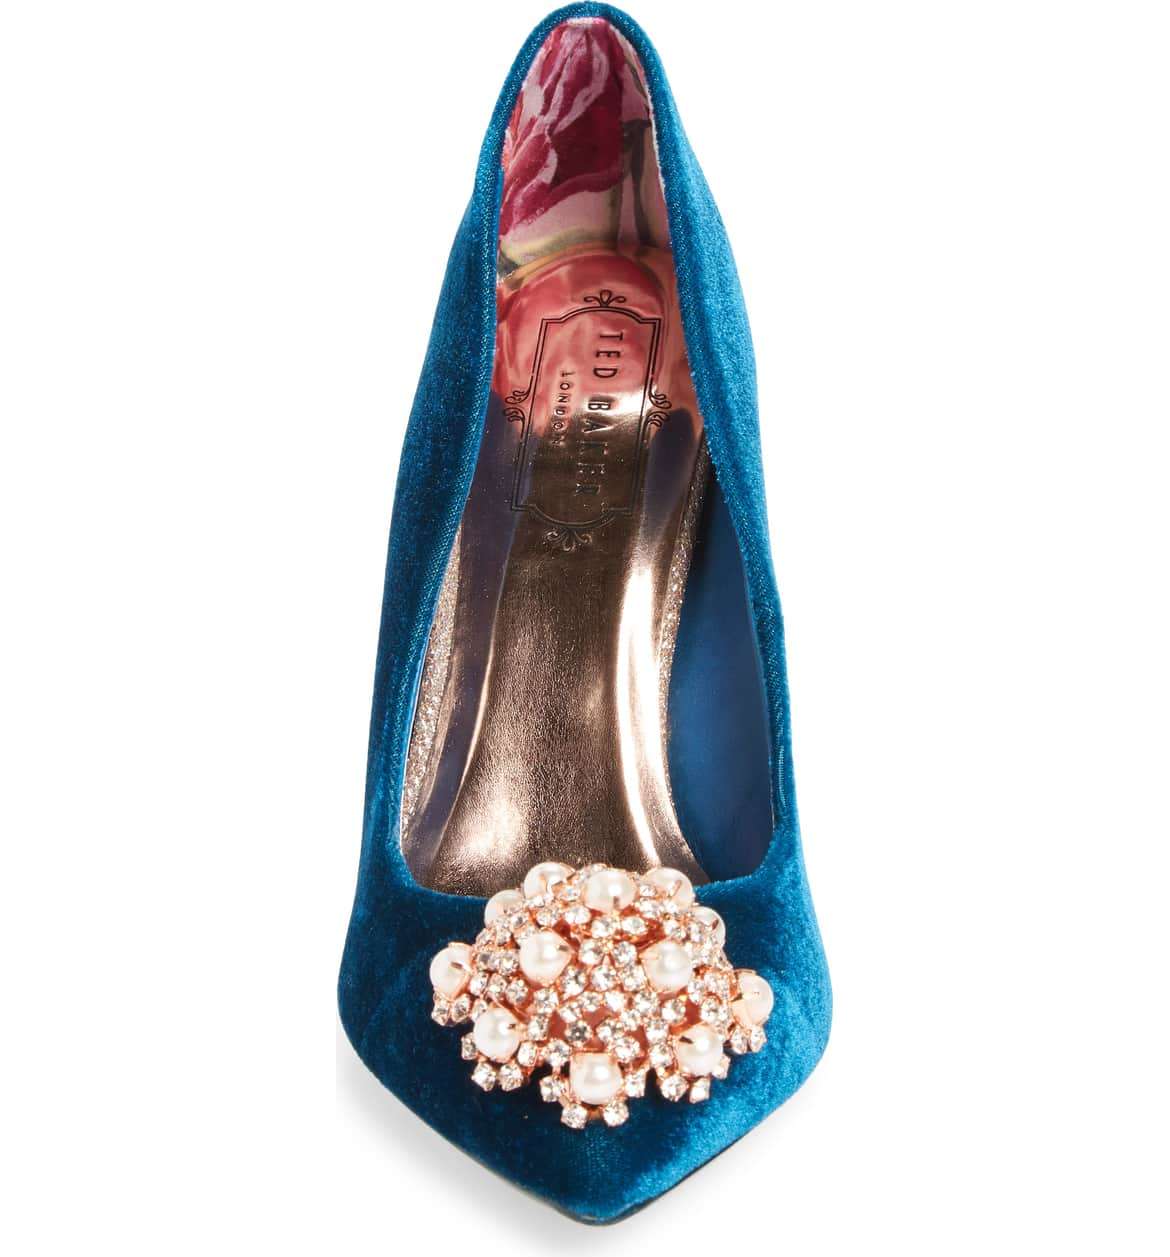 floral print inside ted baker heel